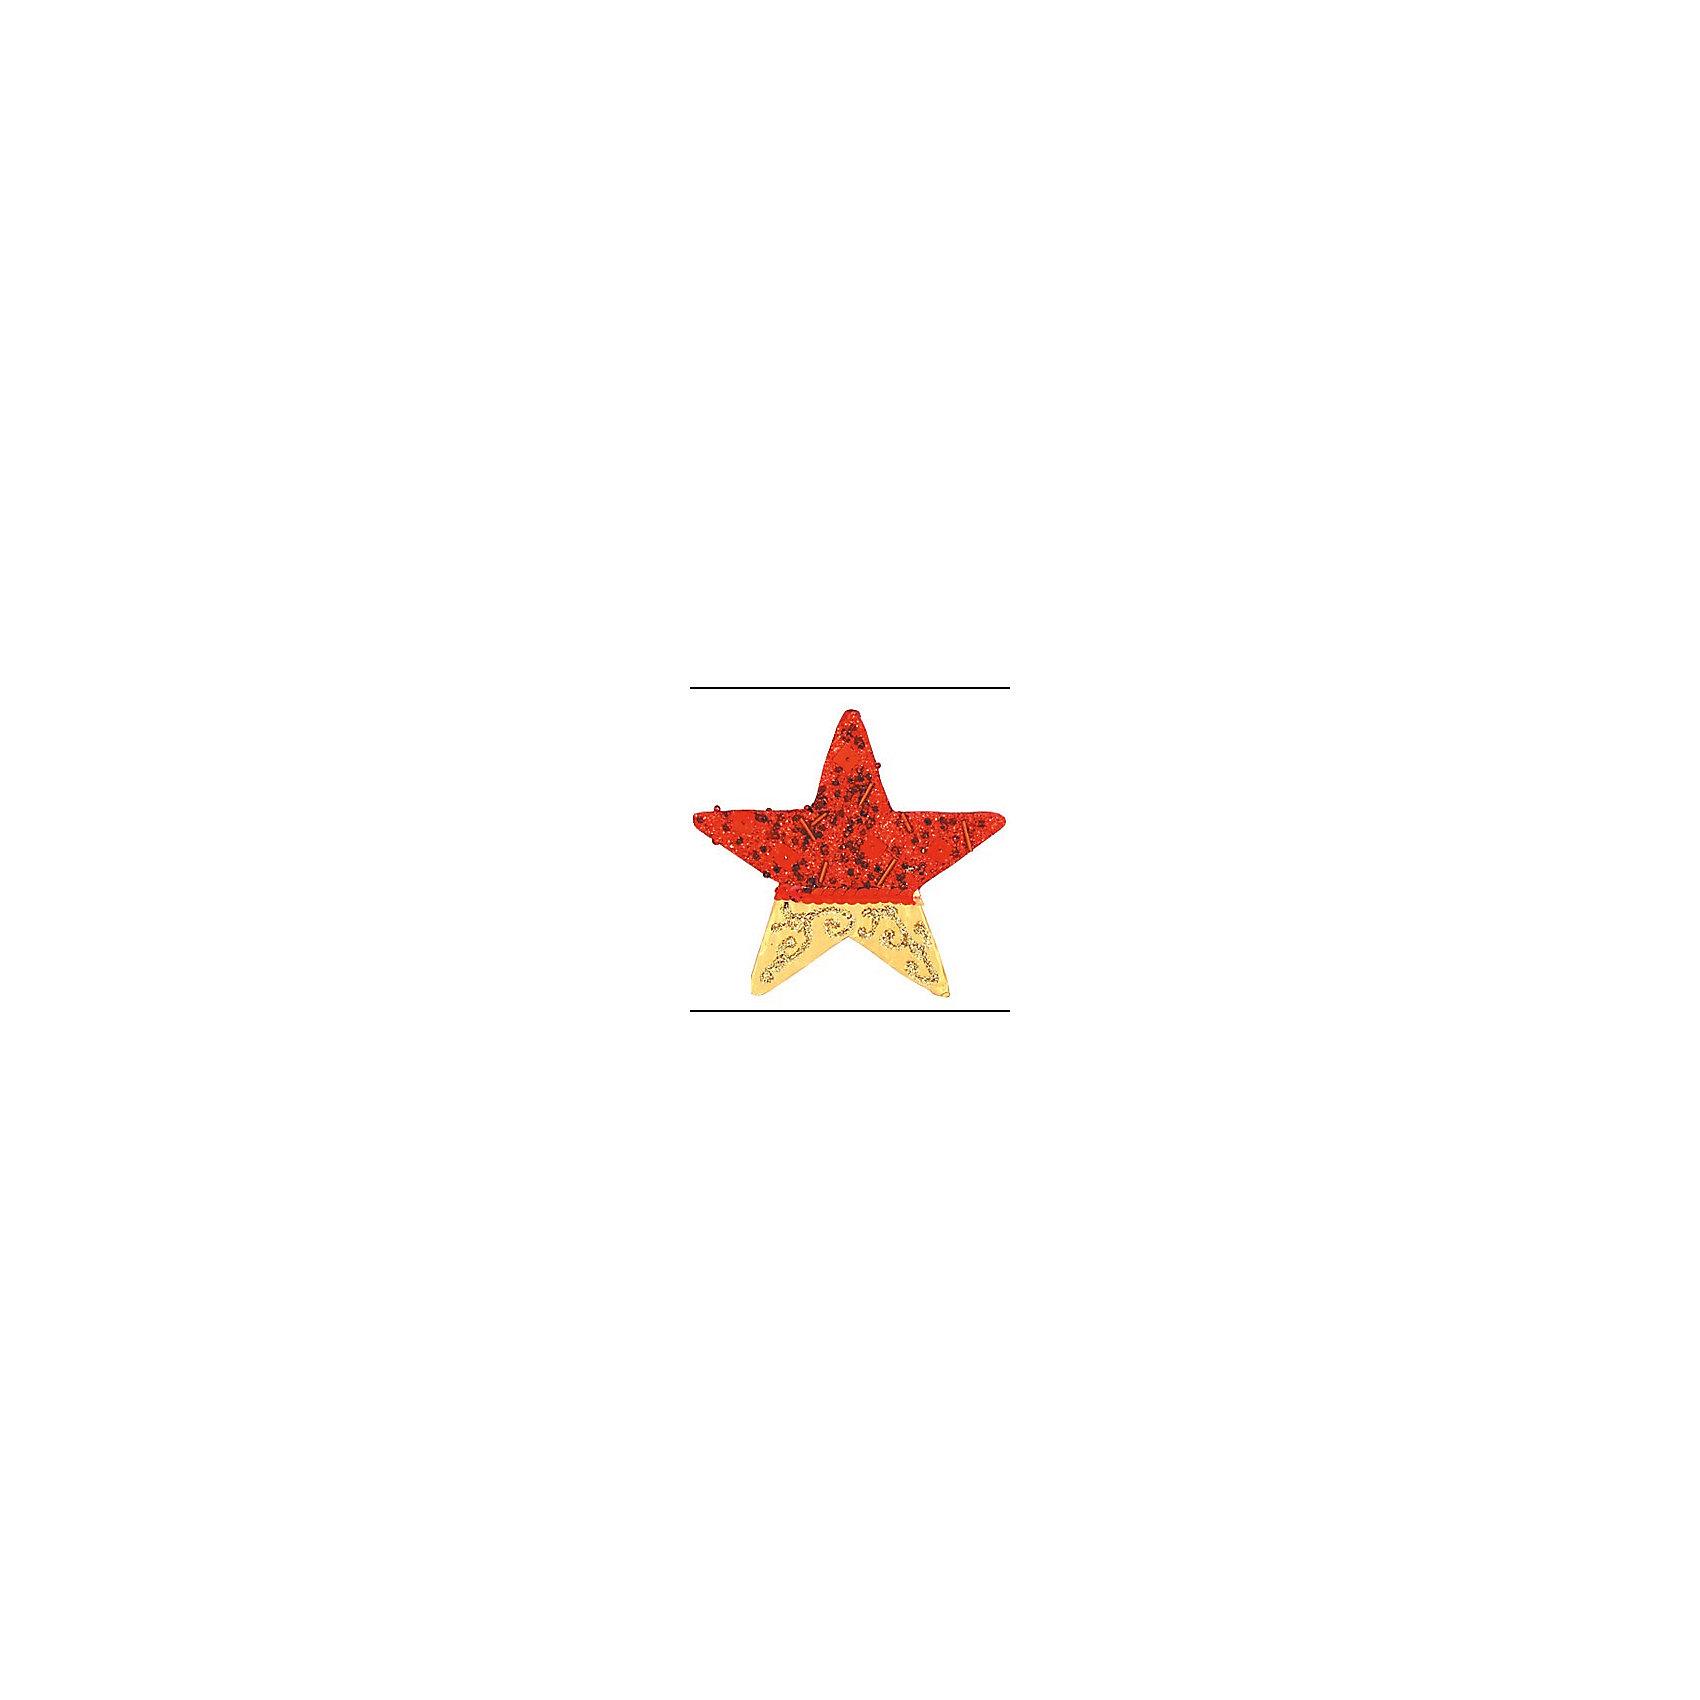 Красное с золотым украшение Звезда 11 смВсё для праздника<br>украшение ЗВЕЗДА, 11 см, 1 шт, крас с золот<br><br>Ширина мм: 120<br>Глубина мм: 10<br>Высота мм: 120<br>Вес г: 100<br>Возраст от месяцев: 36<br>Возраст до месяцев: 2147483647<br>Пол: Унисекс<br>Возраст: Детский<br>SKU: 5101016